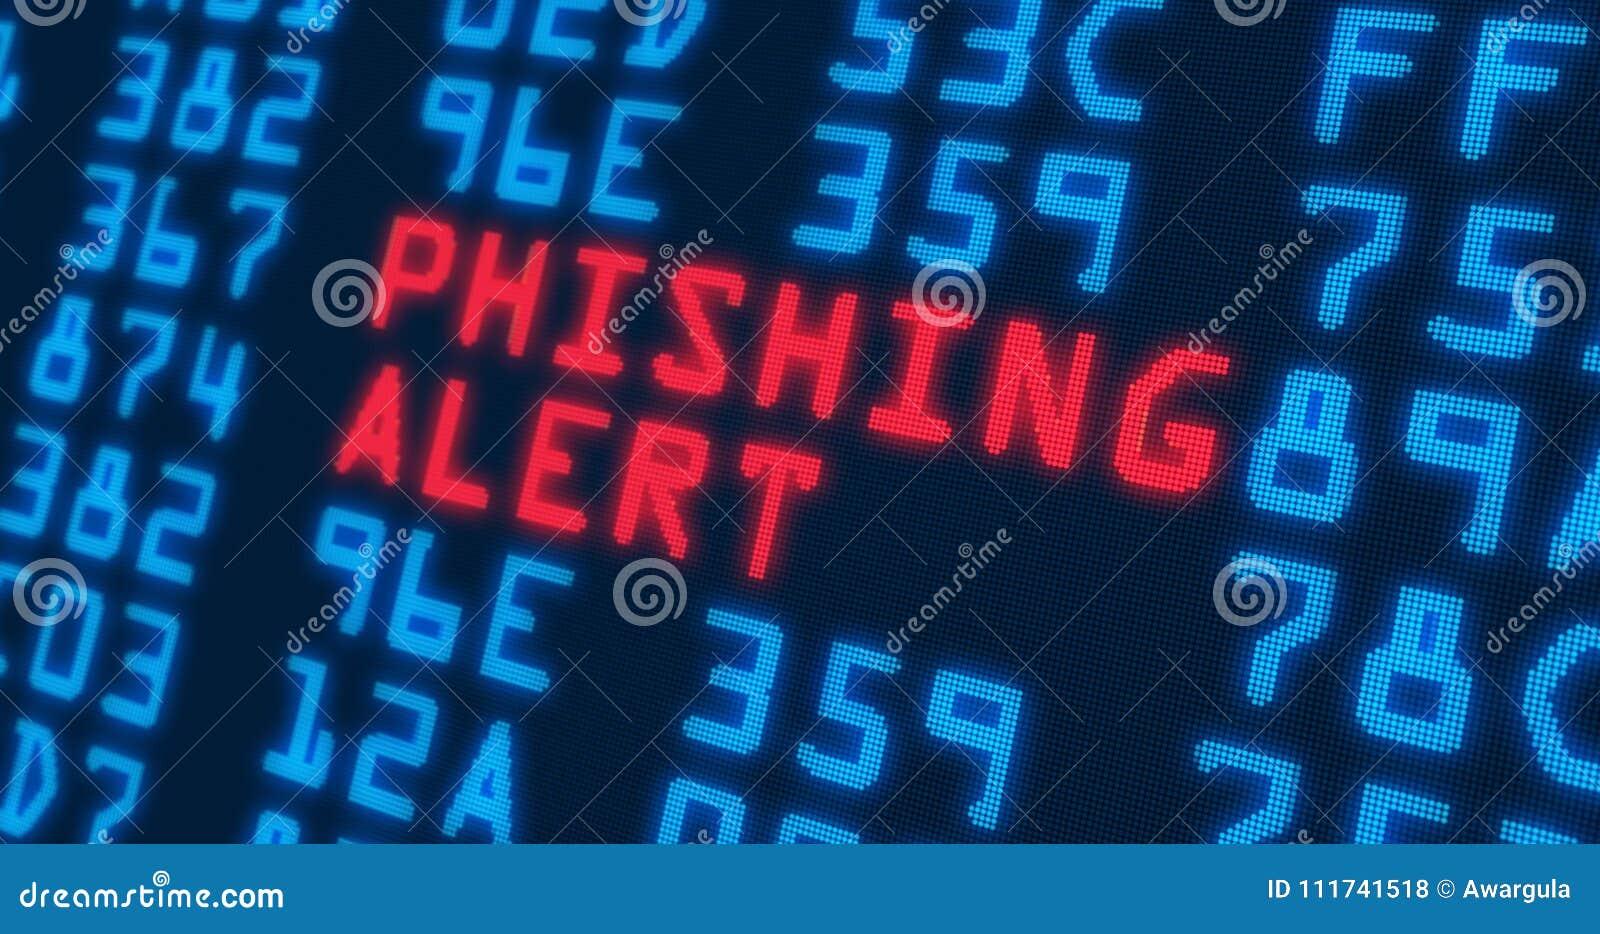 """Cyber veiligheid modewoorden†""""phishing alarm"""